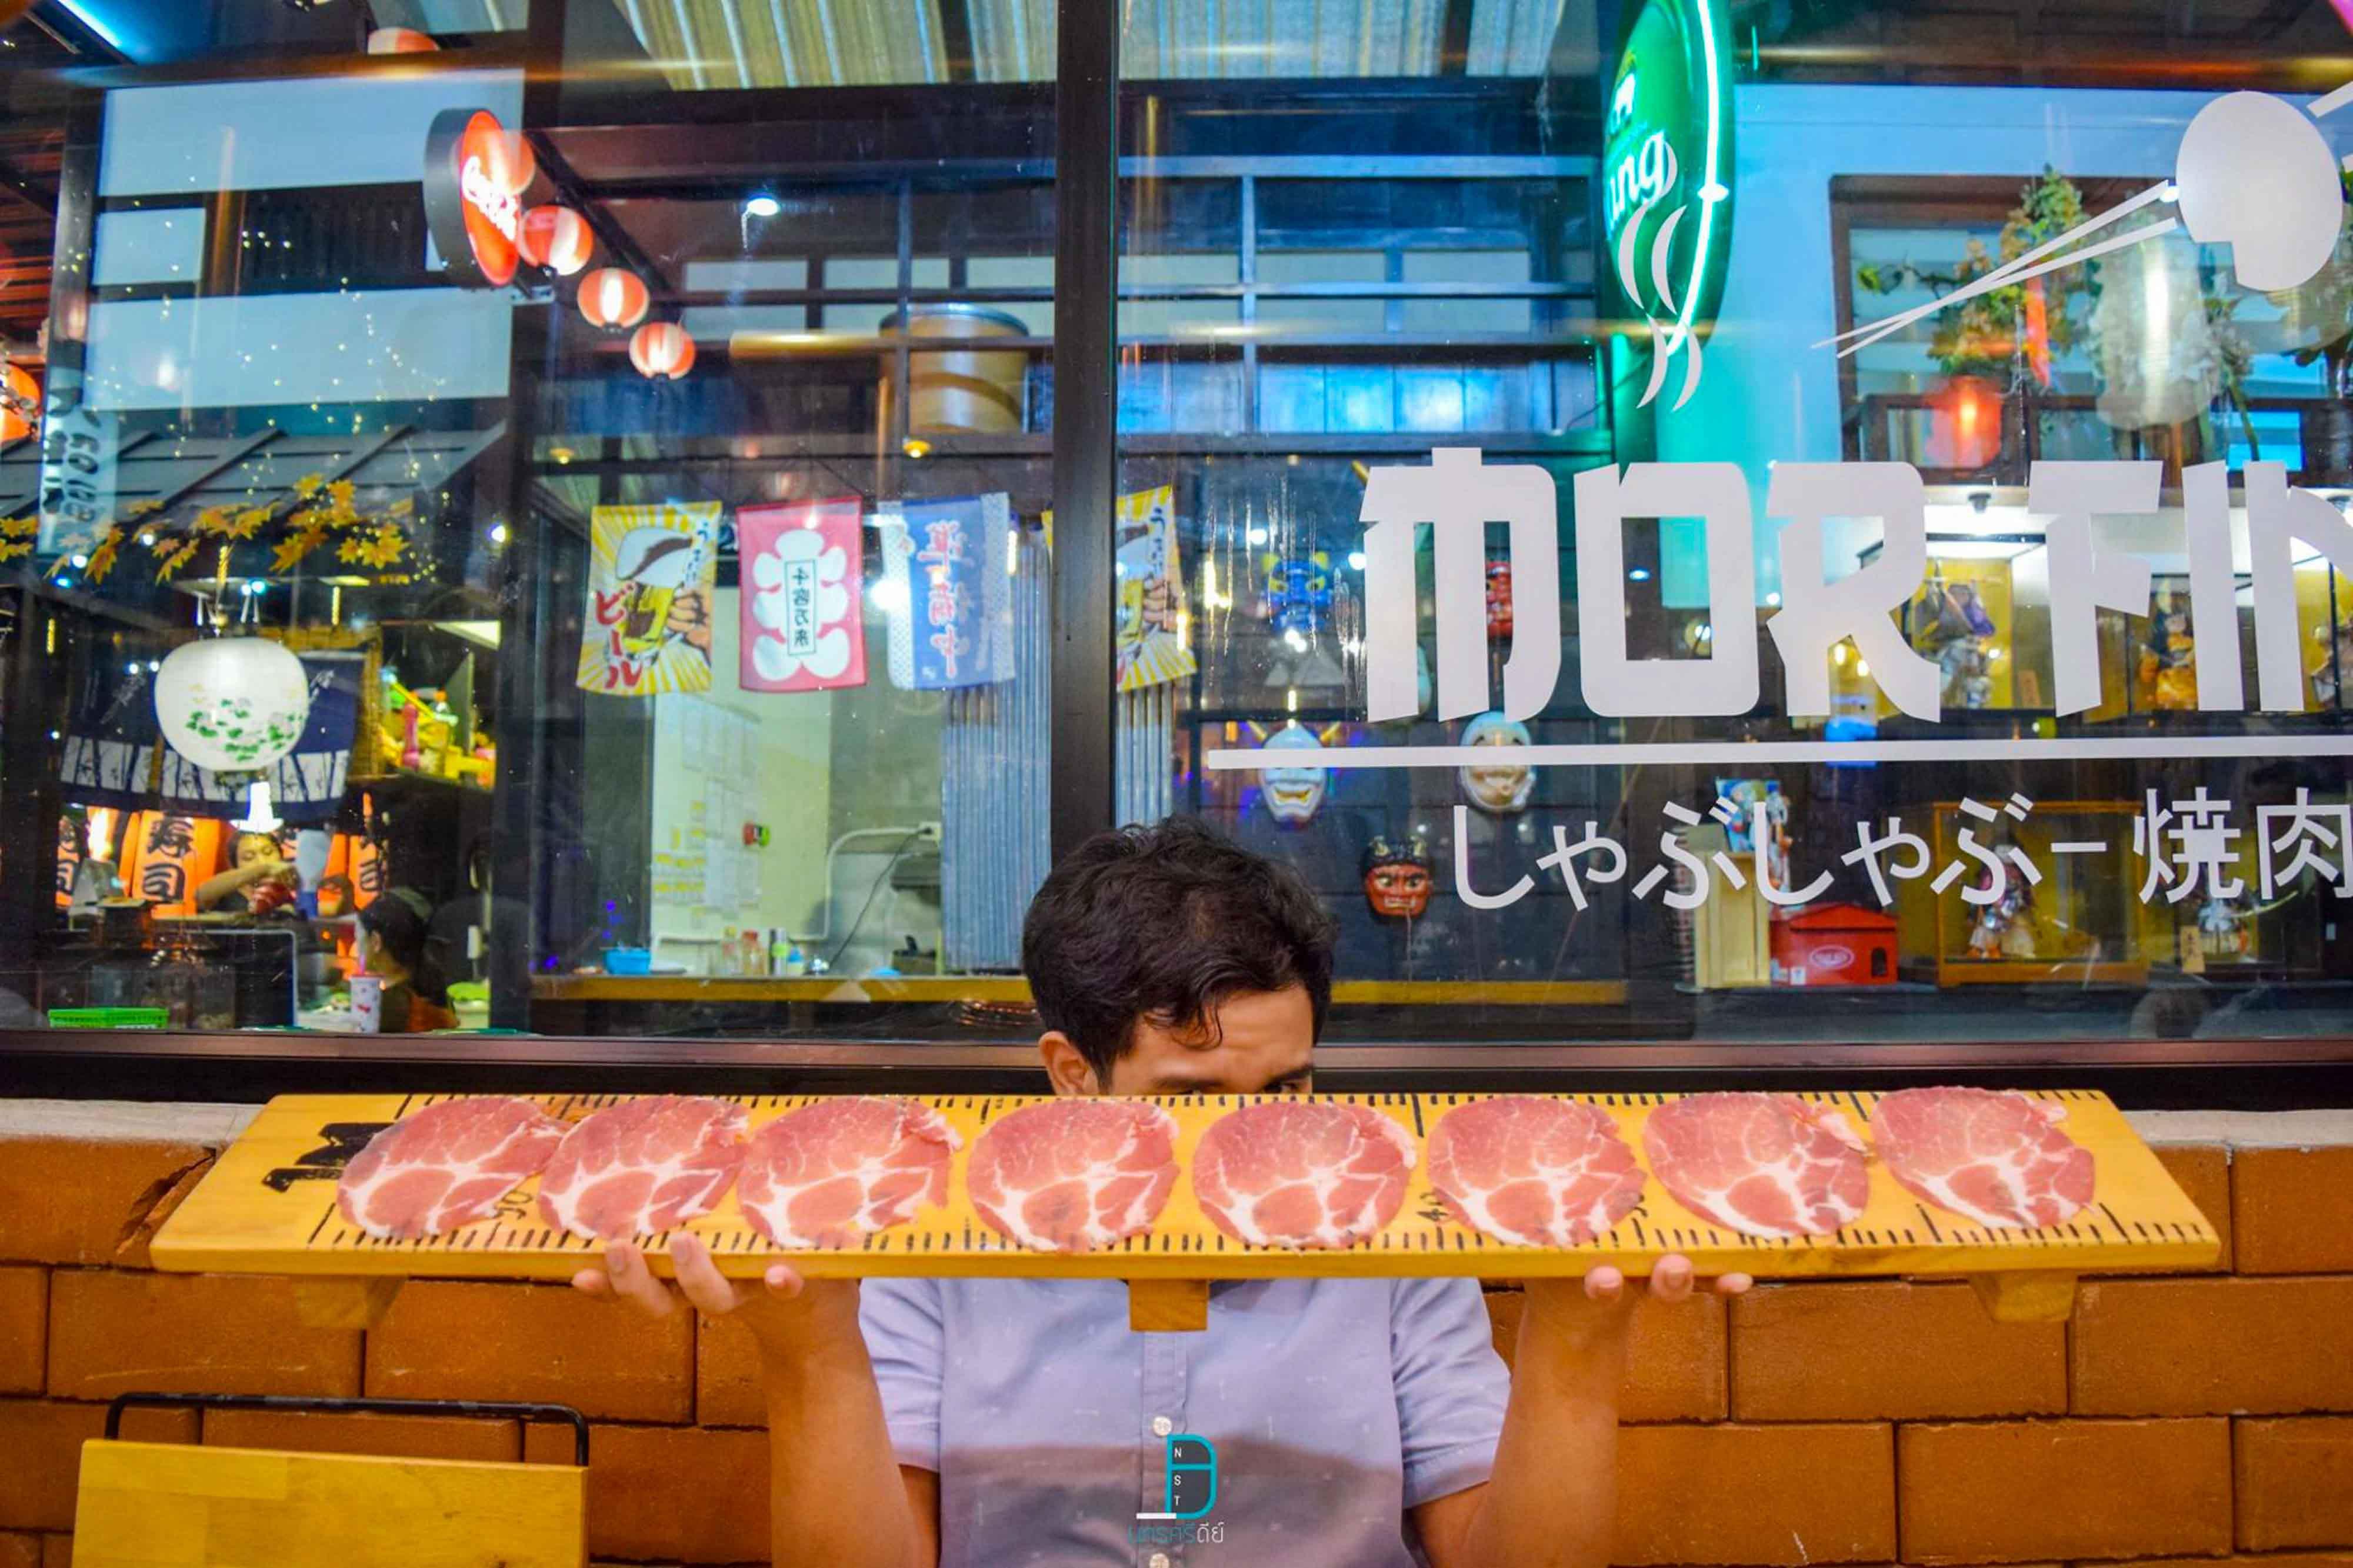 ปิ้ง ย่าง เกาหลี ญี่ปุ่น อันดับ 1 แห่งเมืองคอน นครศรีดีย์